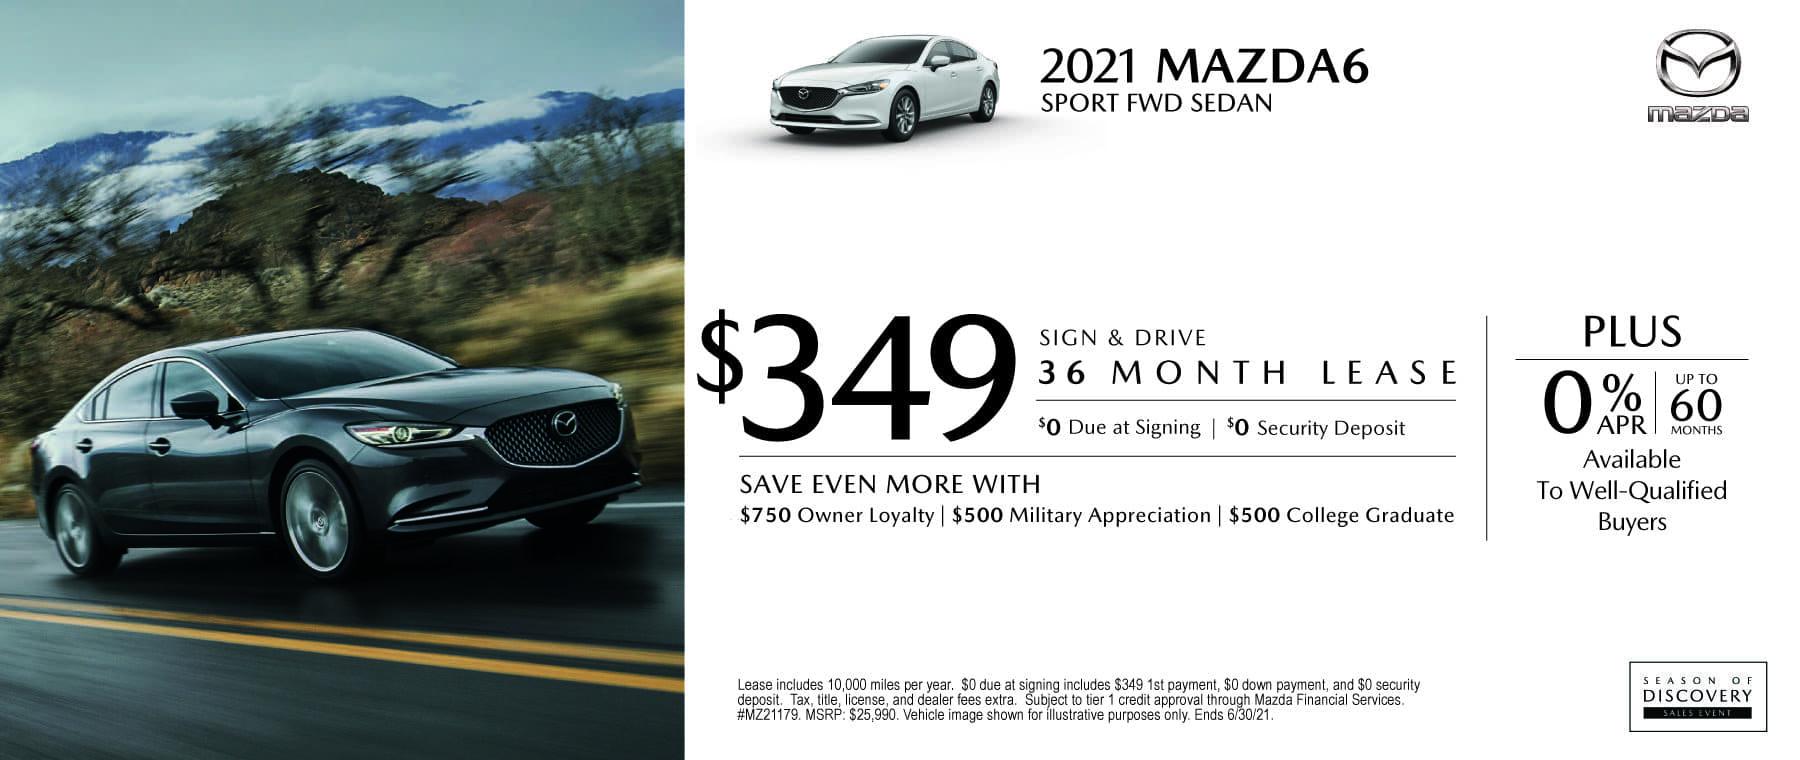 June-2021-Mazda-CS-Slides_Mazda6-0-Down-2-1